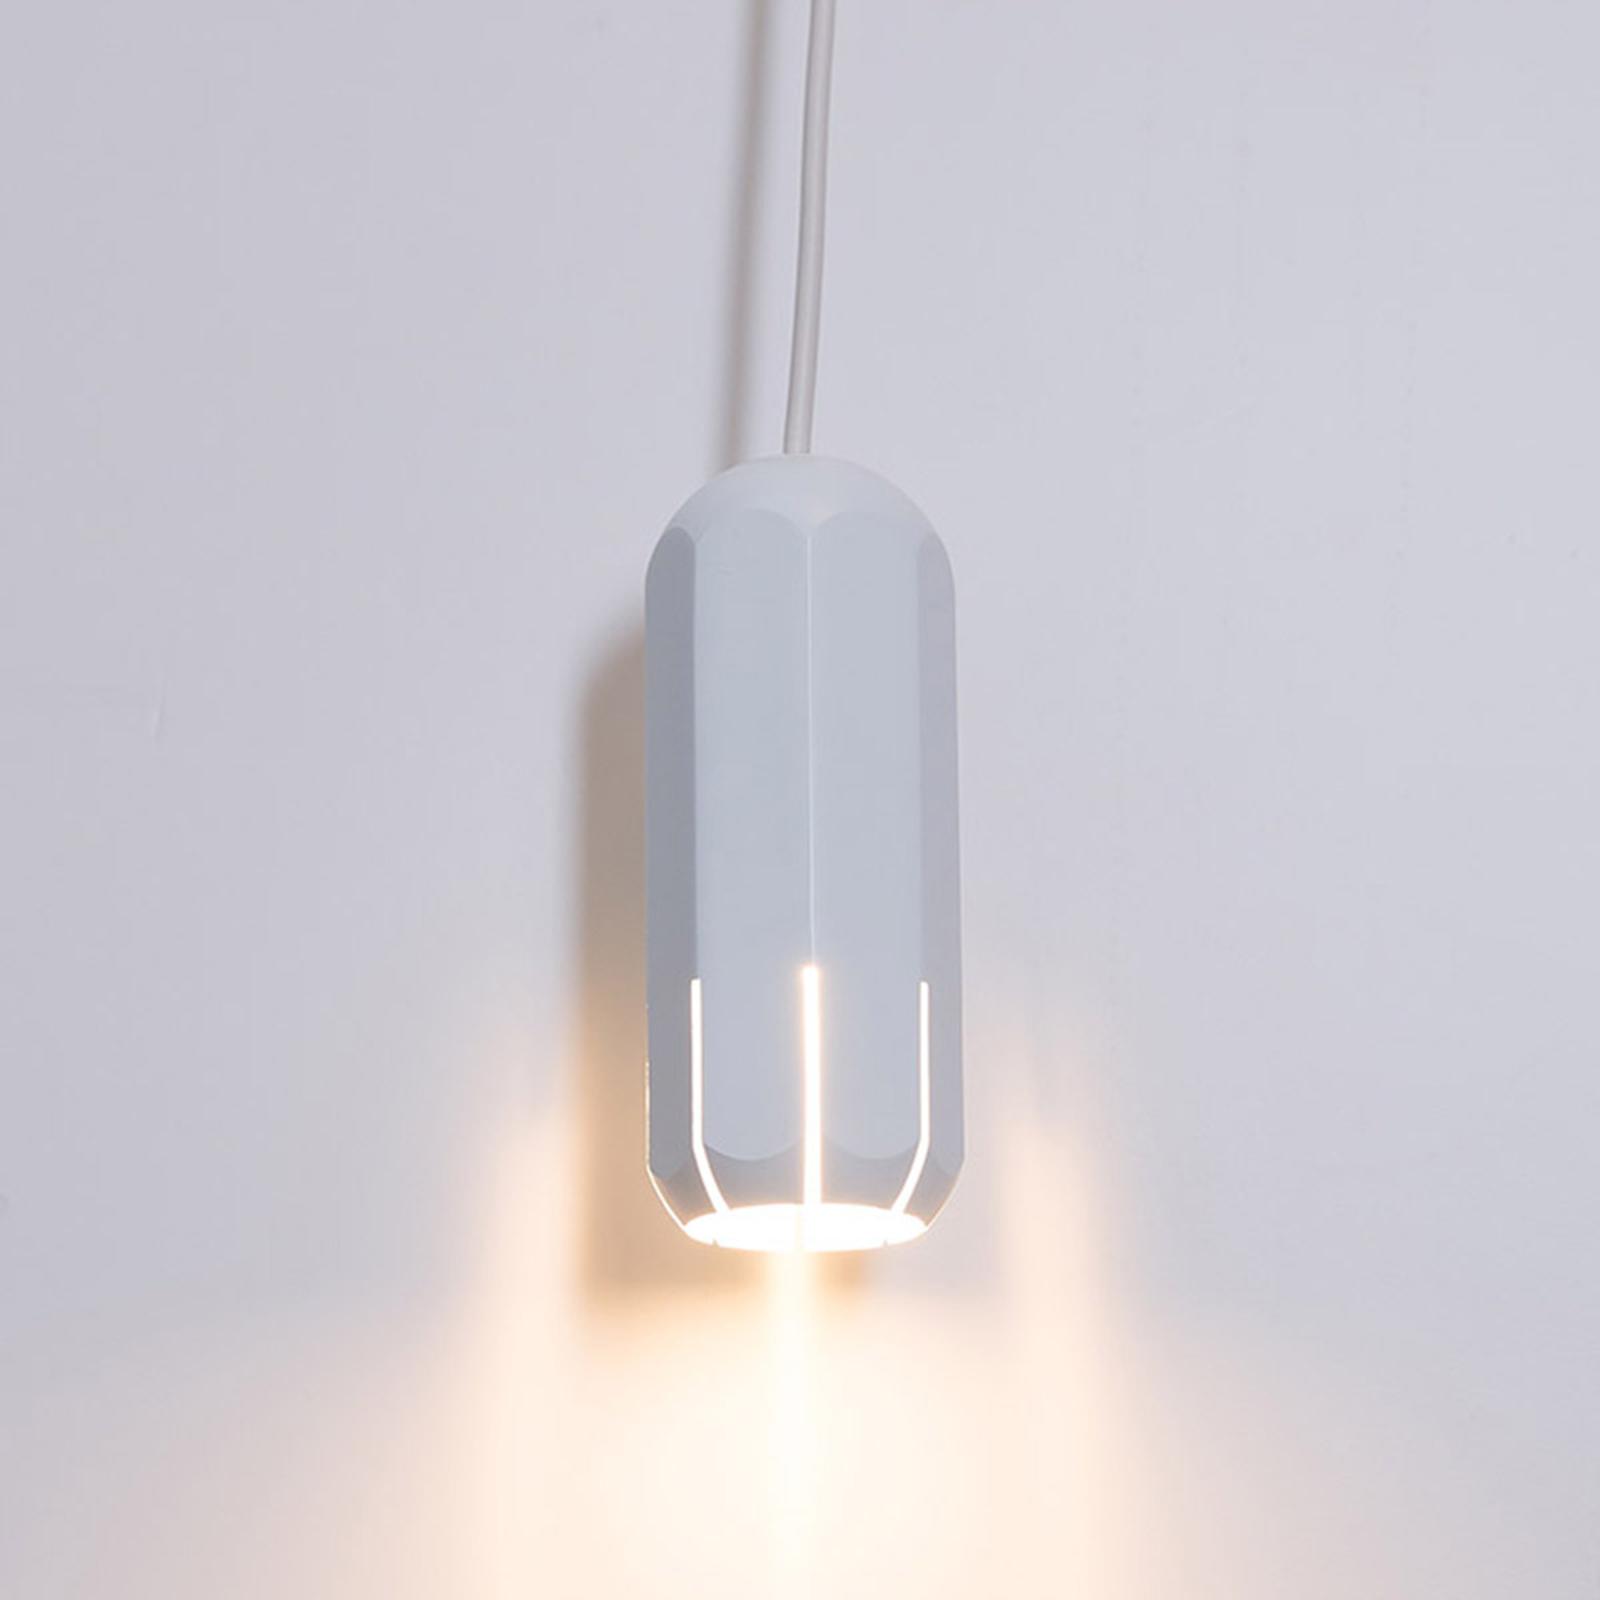 Innermost Brixton Spot 11 lampa wisząca LED, biała